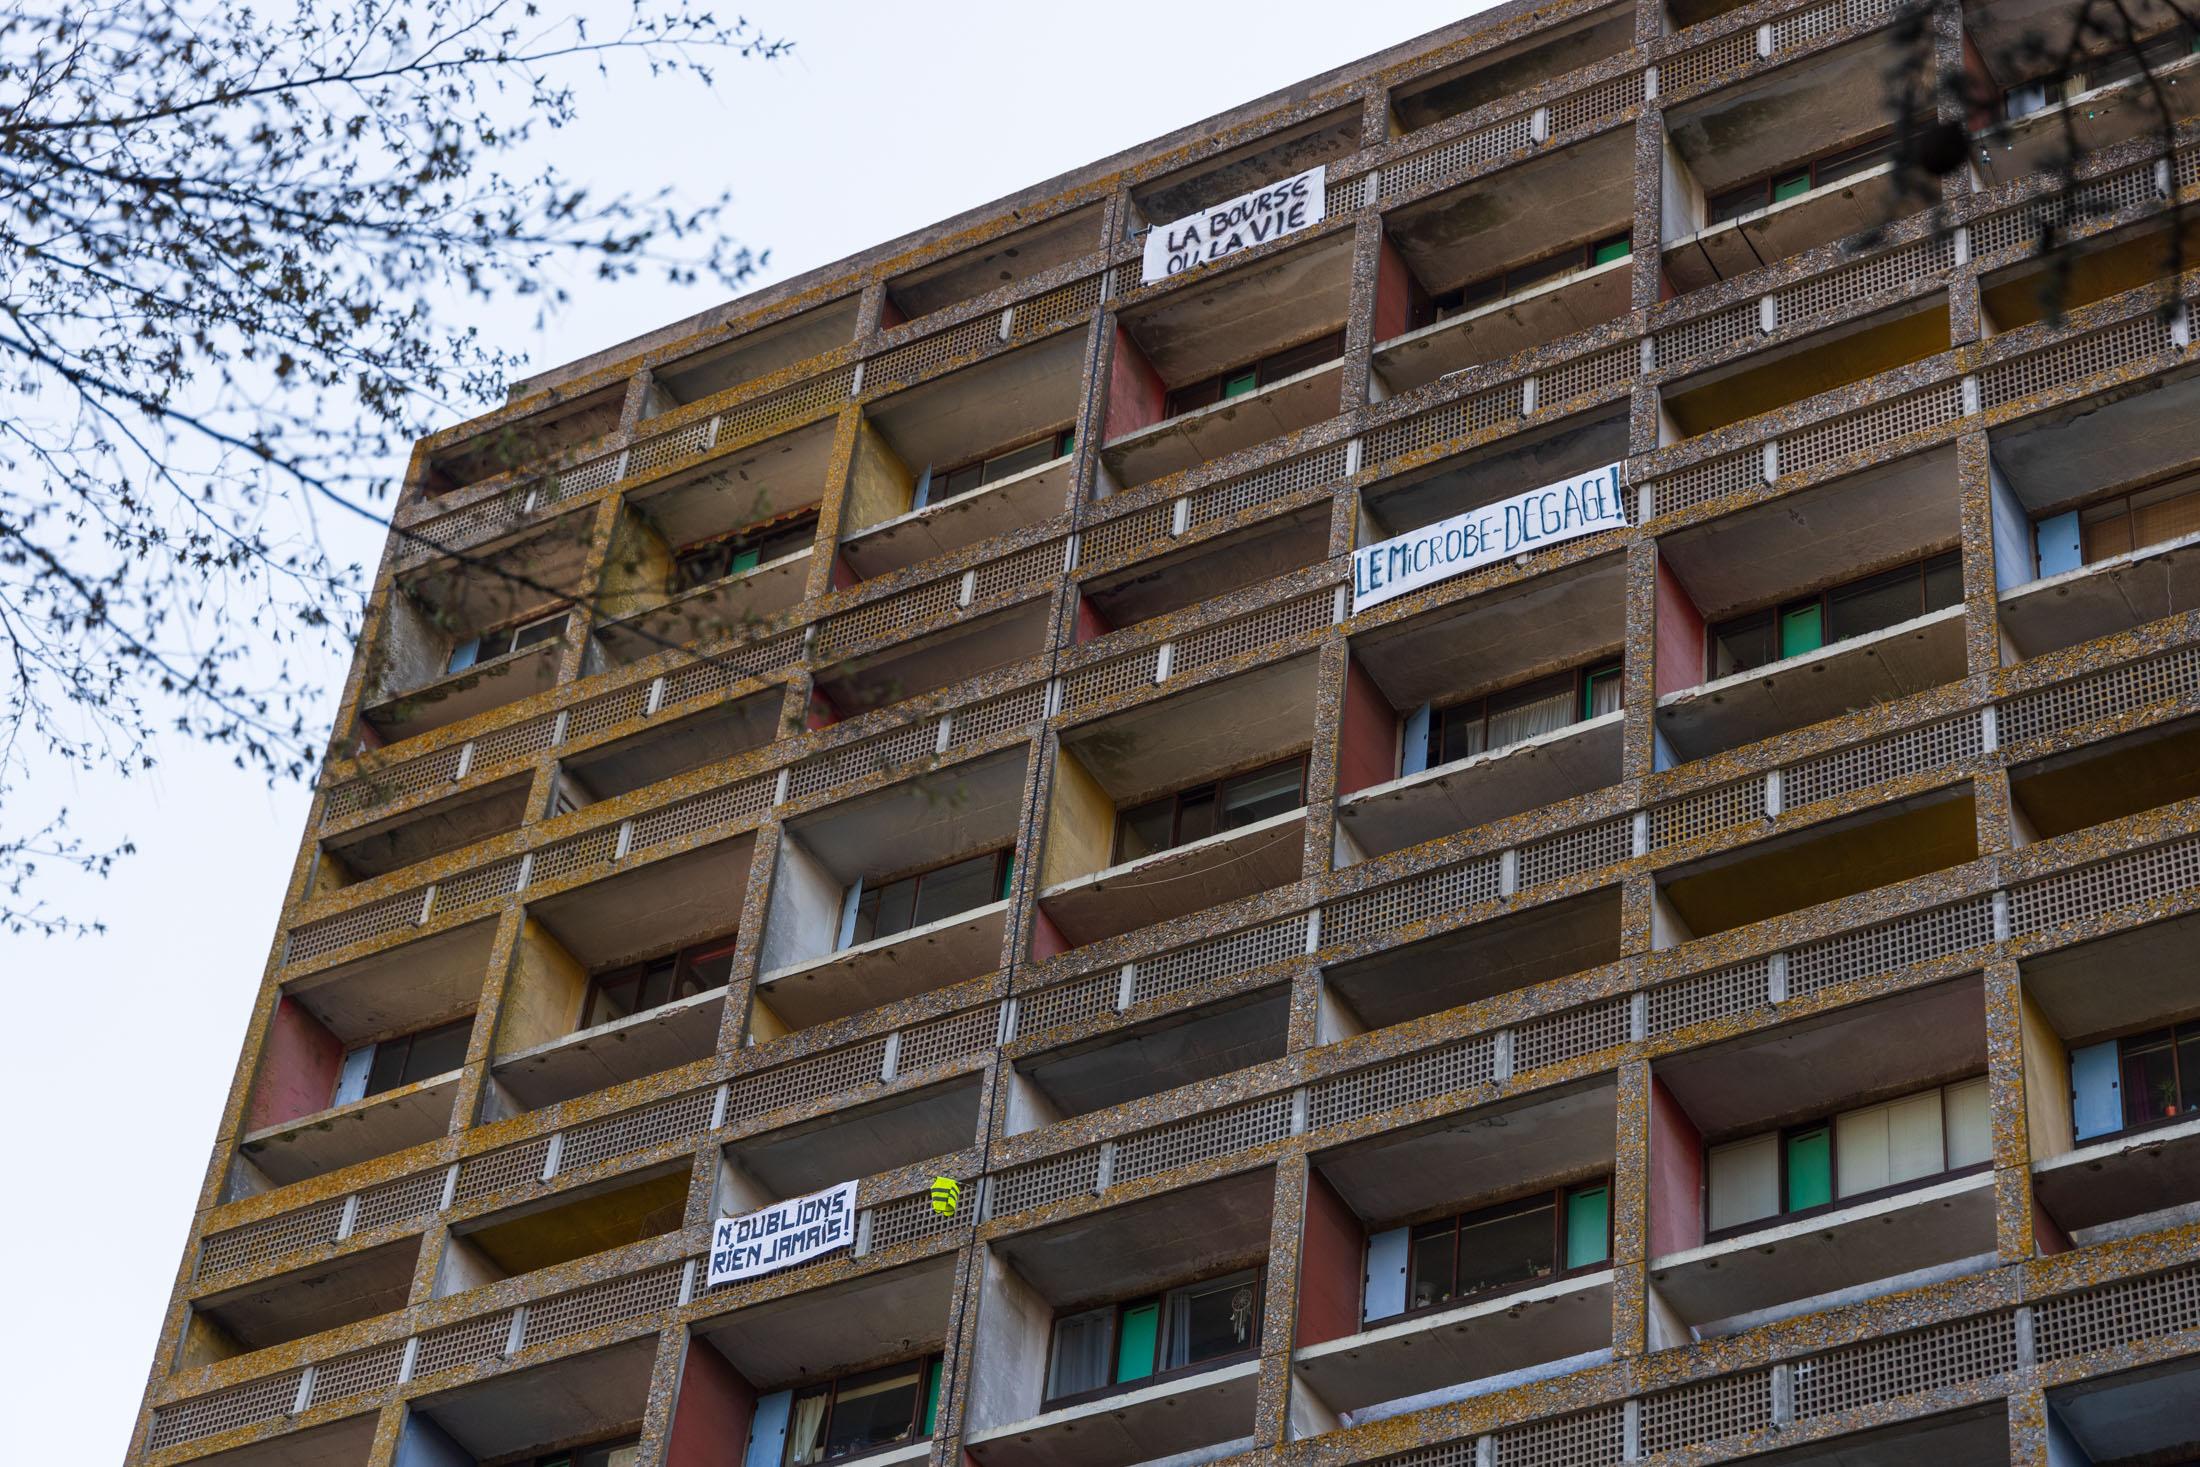 """Residents of the radiant city of Corbusier posted banners on their balconies, such as """"Microbe fuck off!"""". Reze, France - April 2nd 2020.Des habitants de la cite radieuse du Corbusier ont affiche des banderoles sur leurs balcons, comme """"le microbe, degage!"""". Reze, France - 2 avril 2020."""